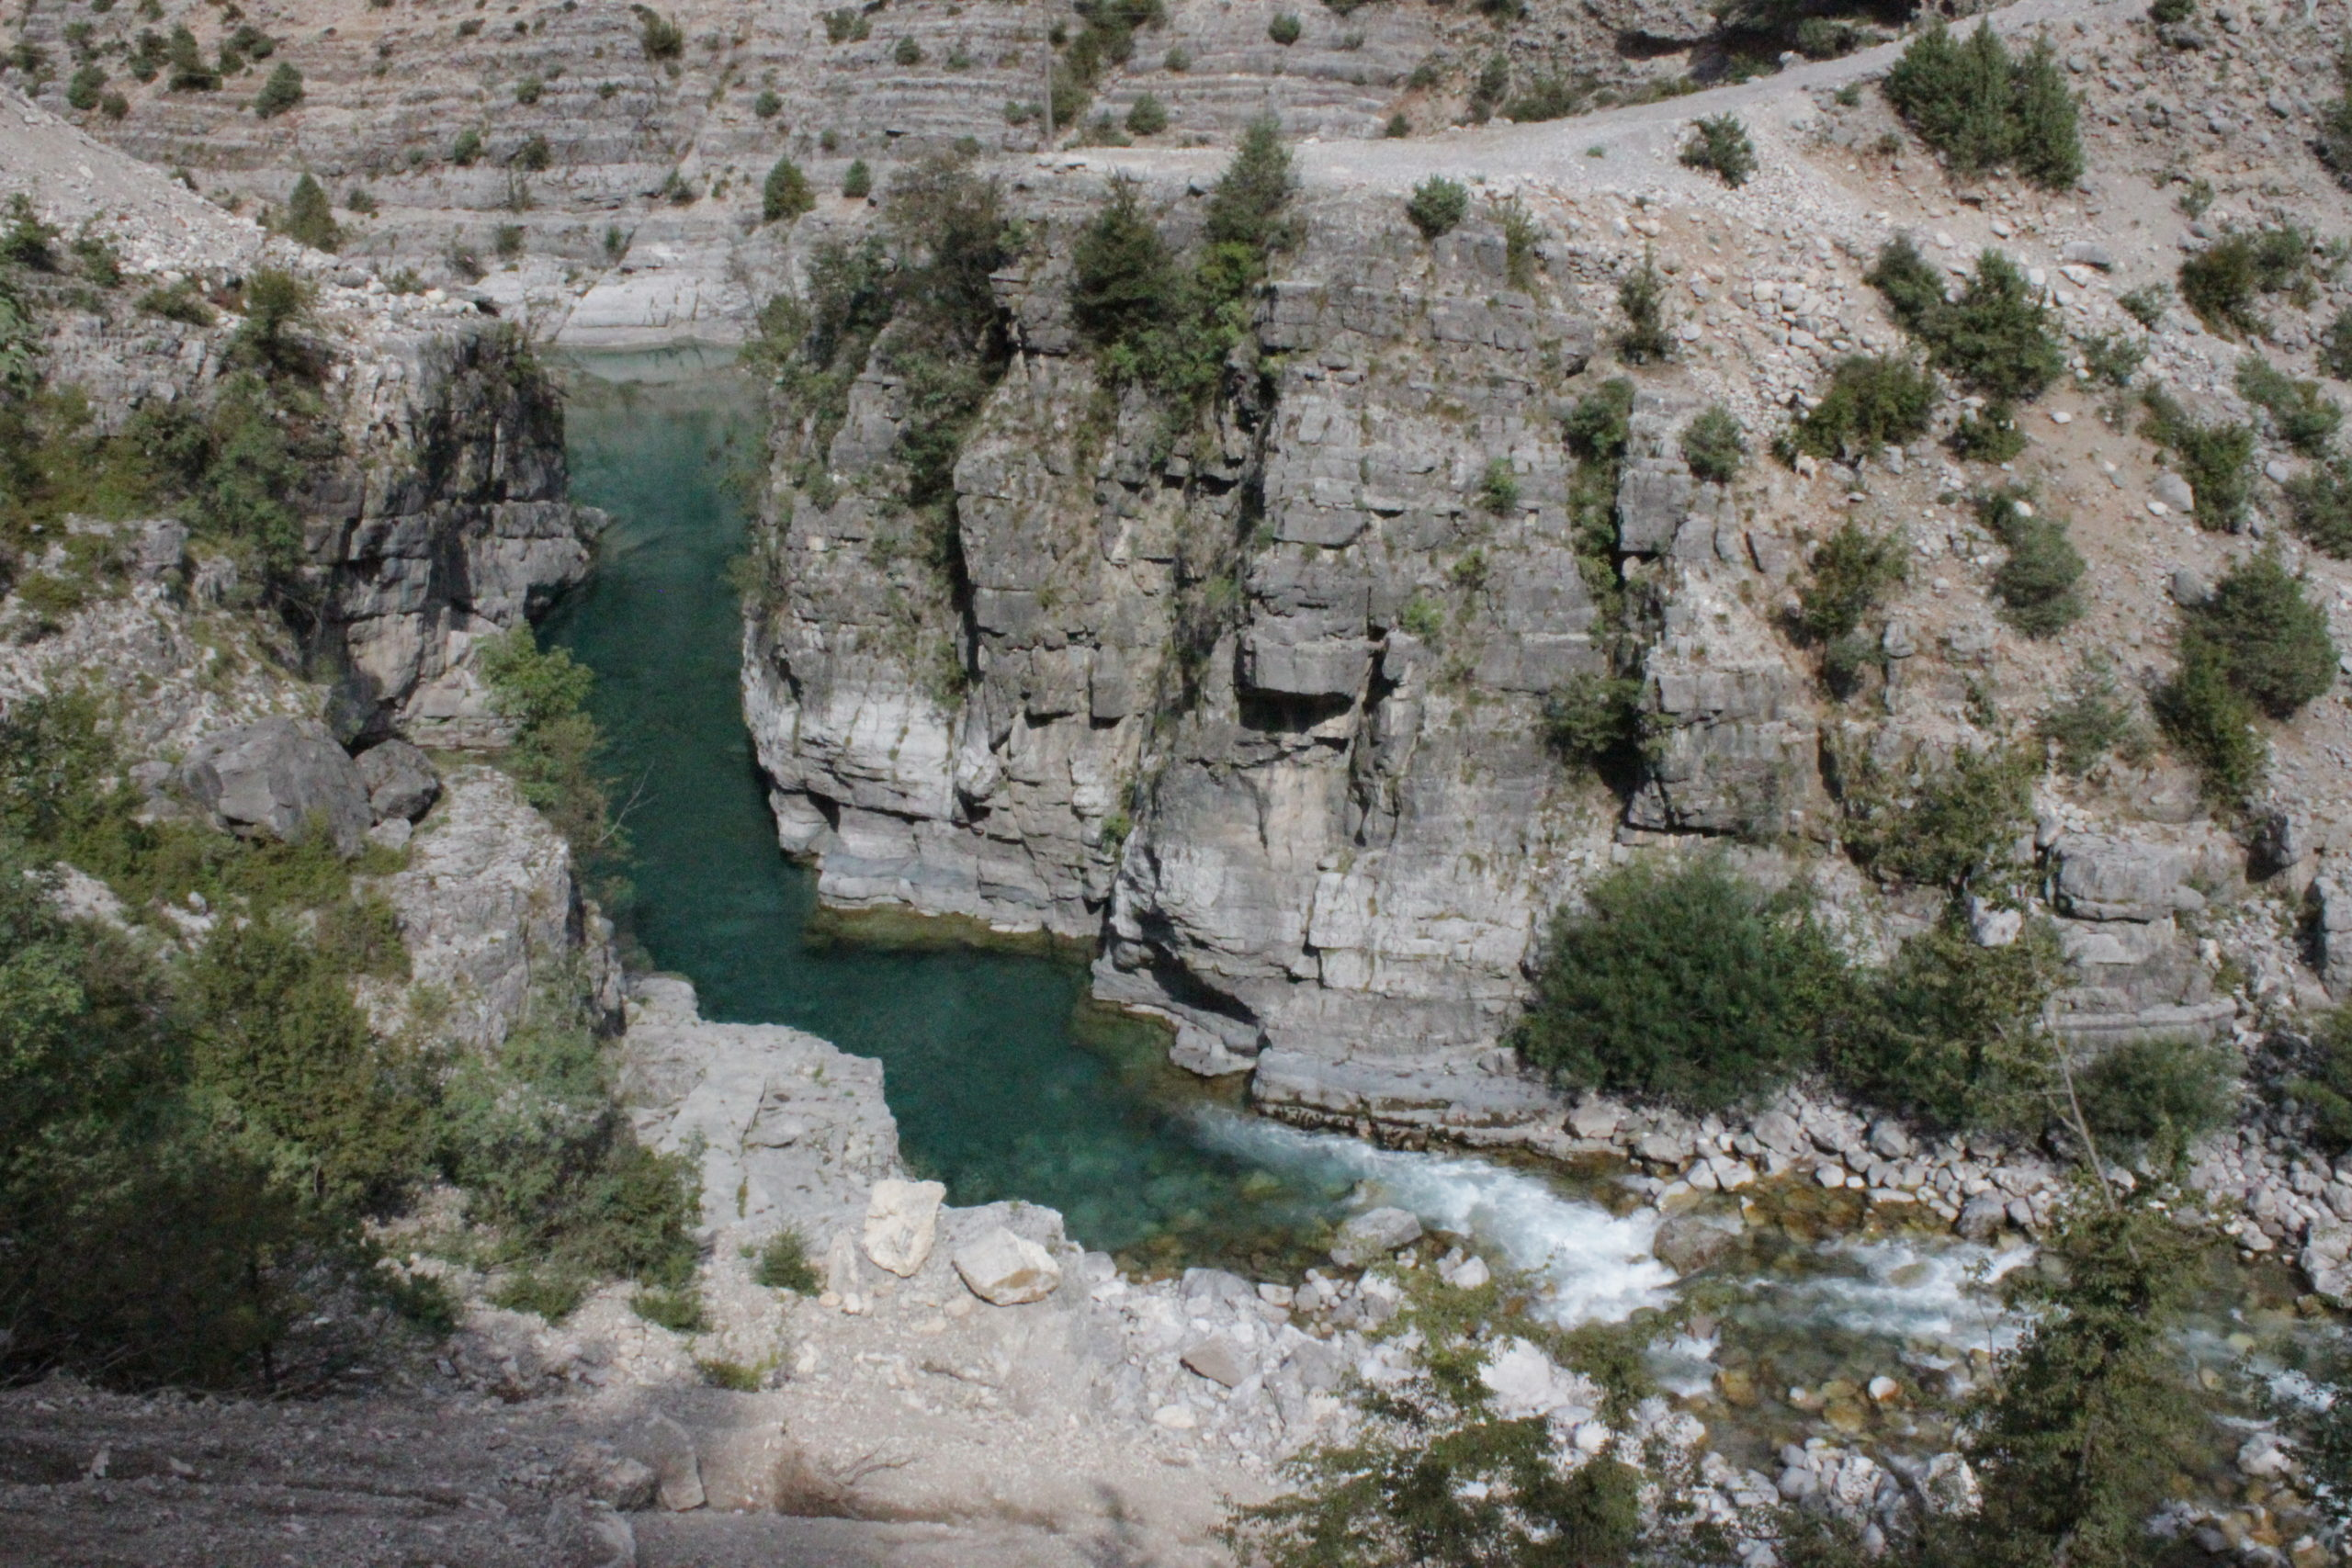 4x4 Abenteuerreise: Albanien so nah und doch so fremd 6